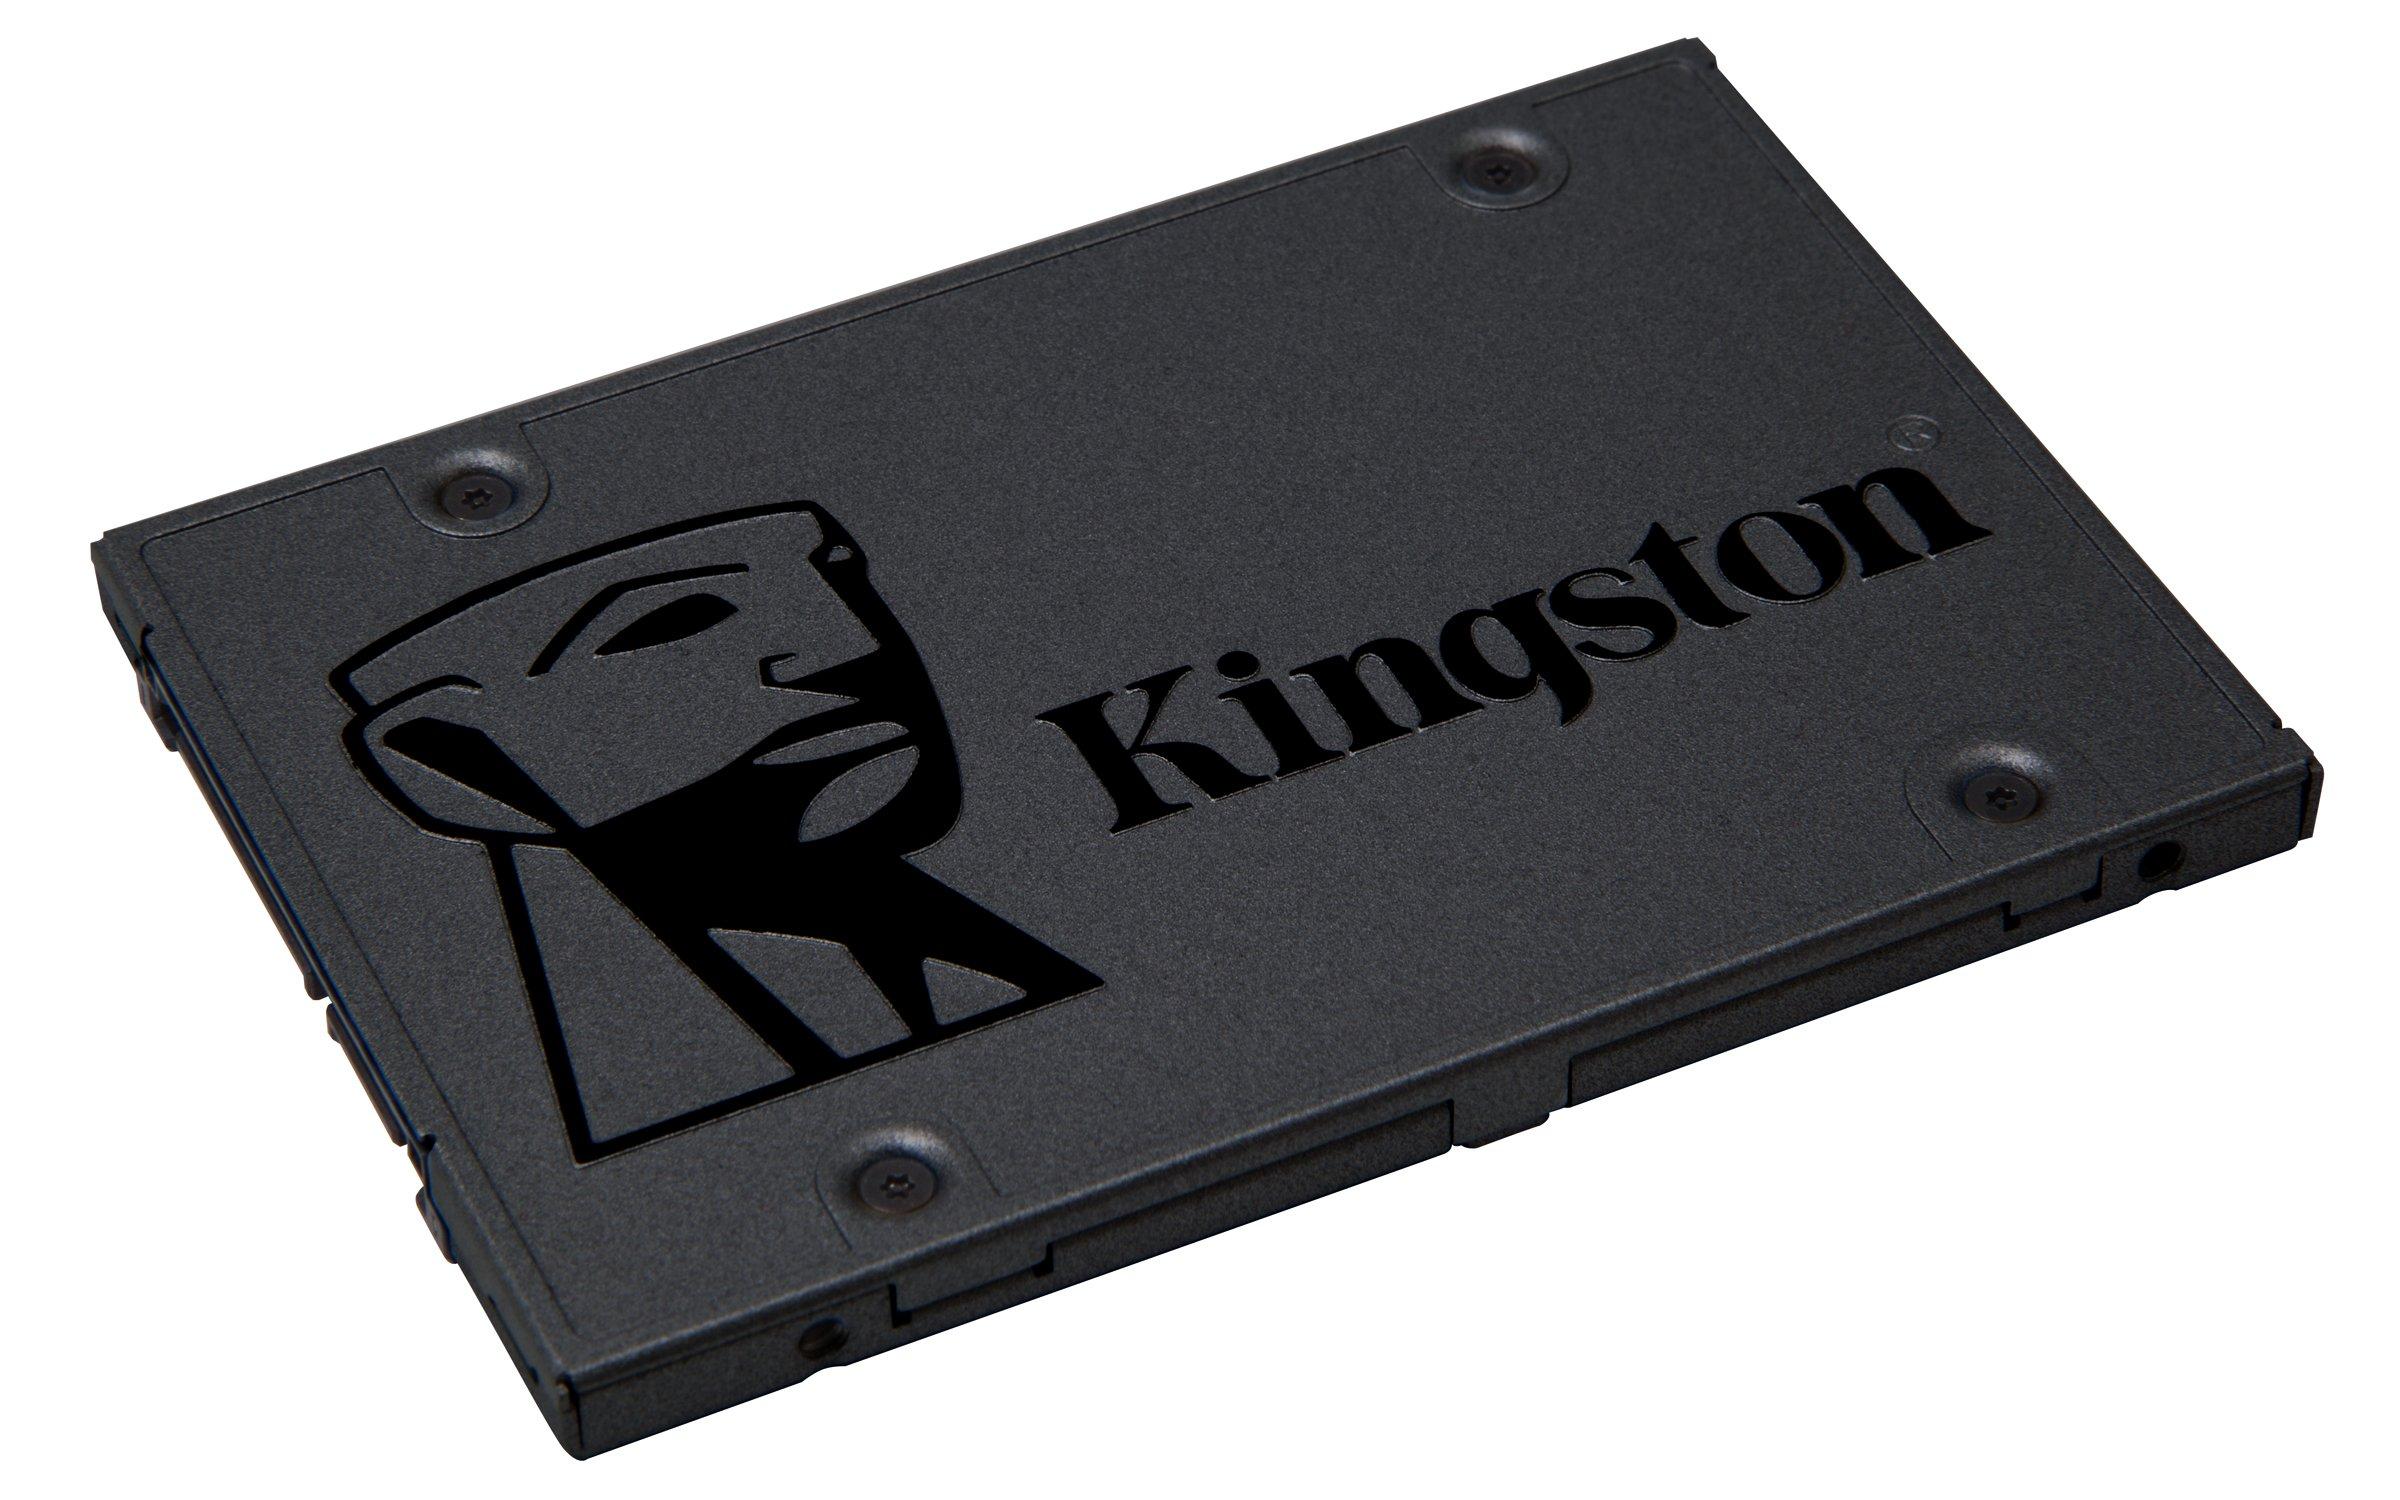 SSD 120GB SATA Kingston 120GB Q500 3 2.5